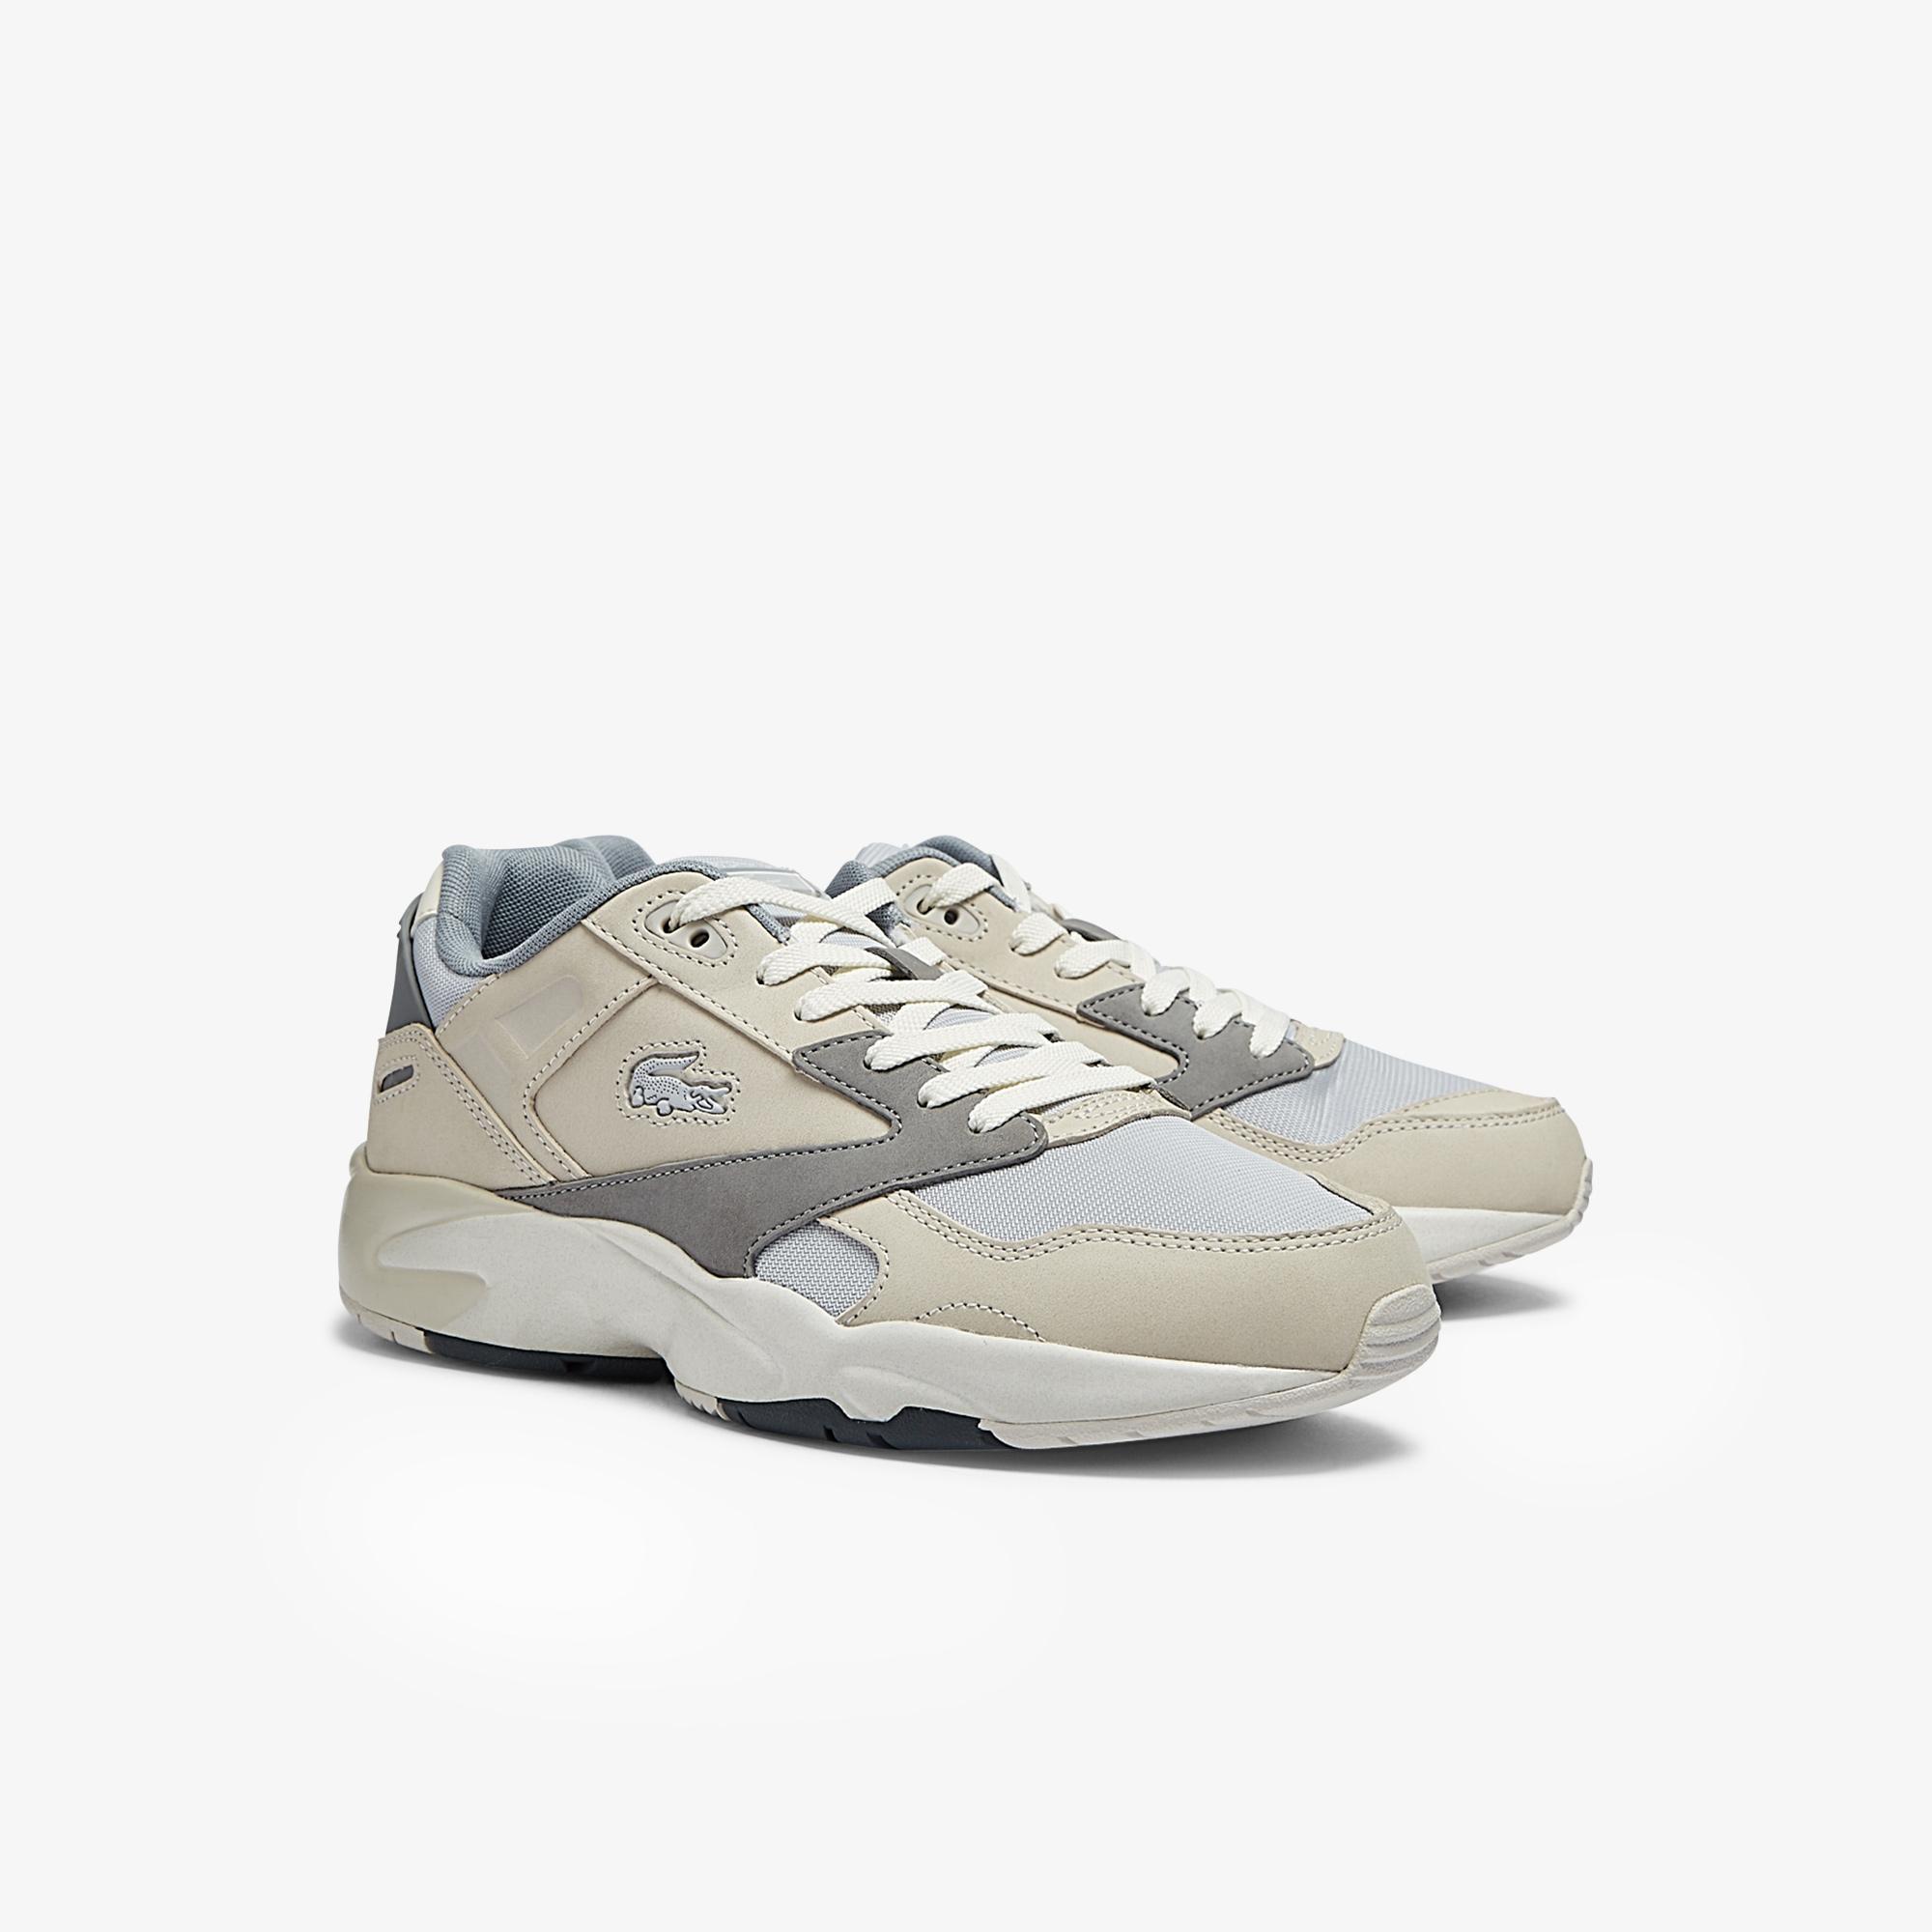 Lacoste Storm 96 Lo 0721 1 G Sma Erkek Bej - Gri Sneaker